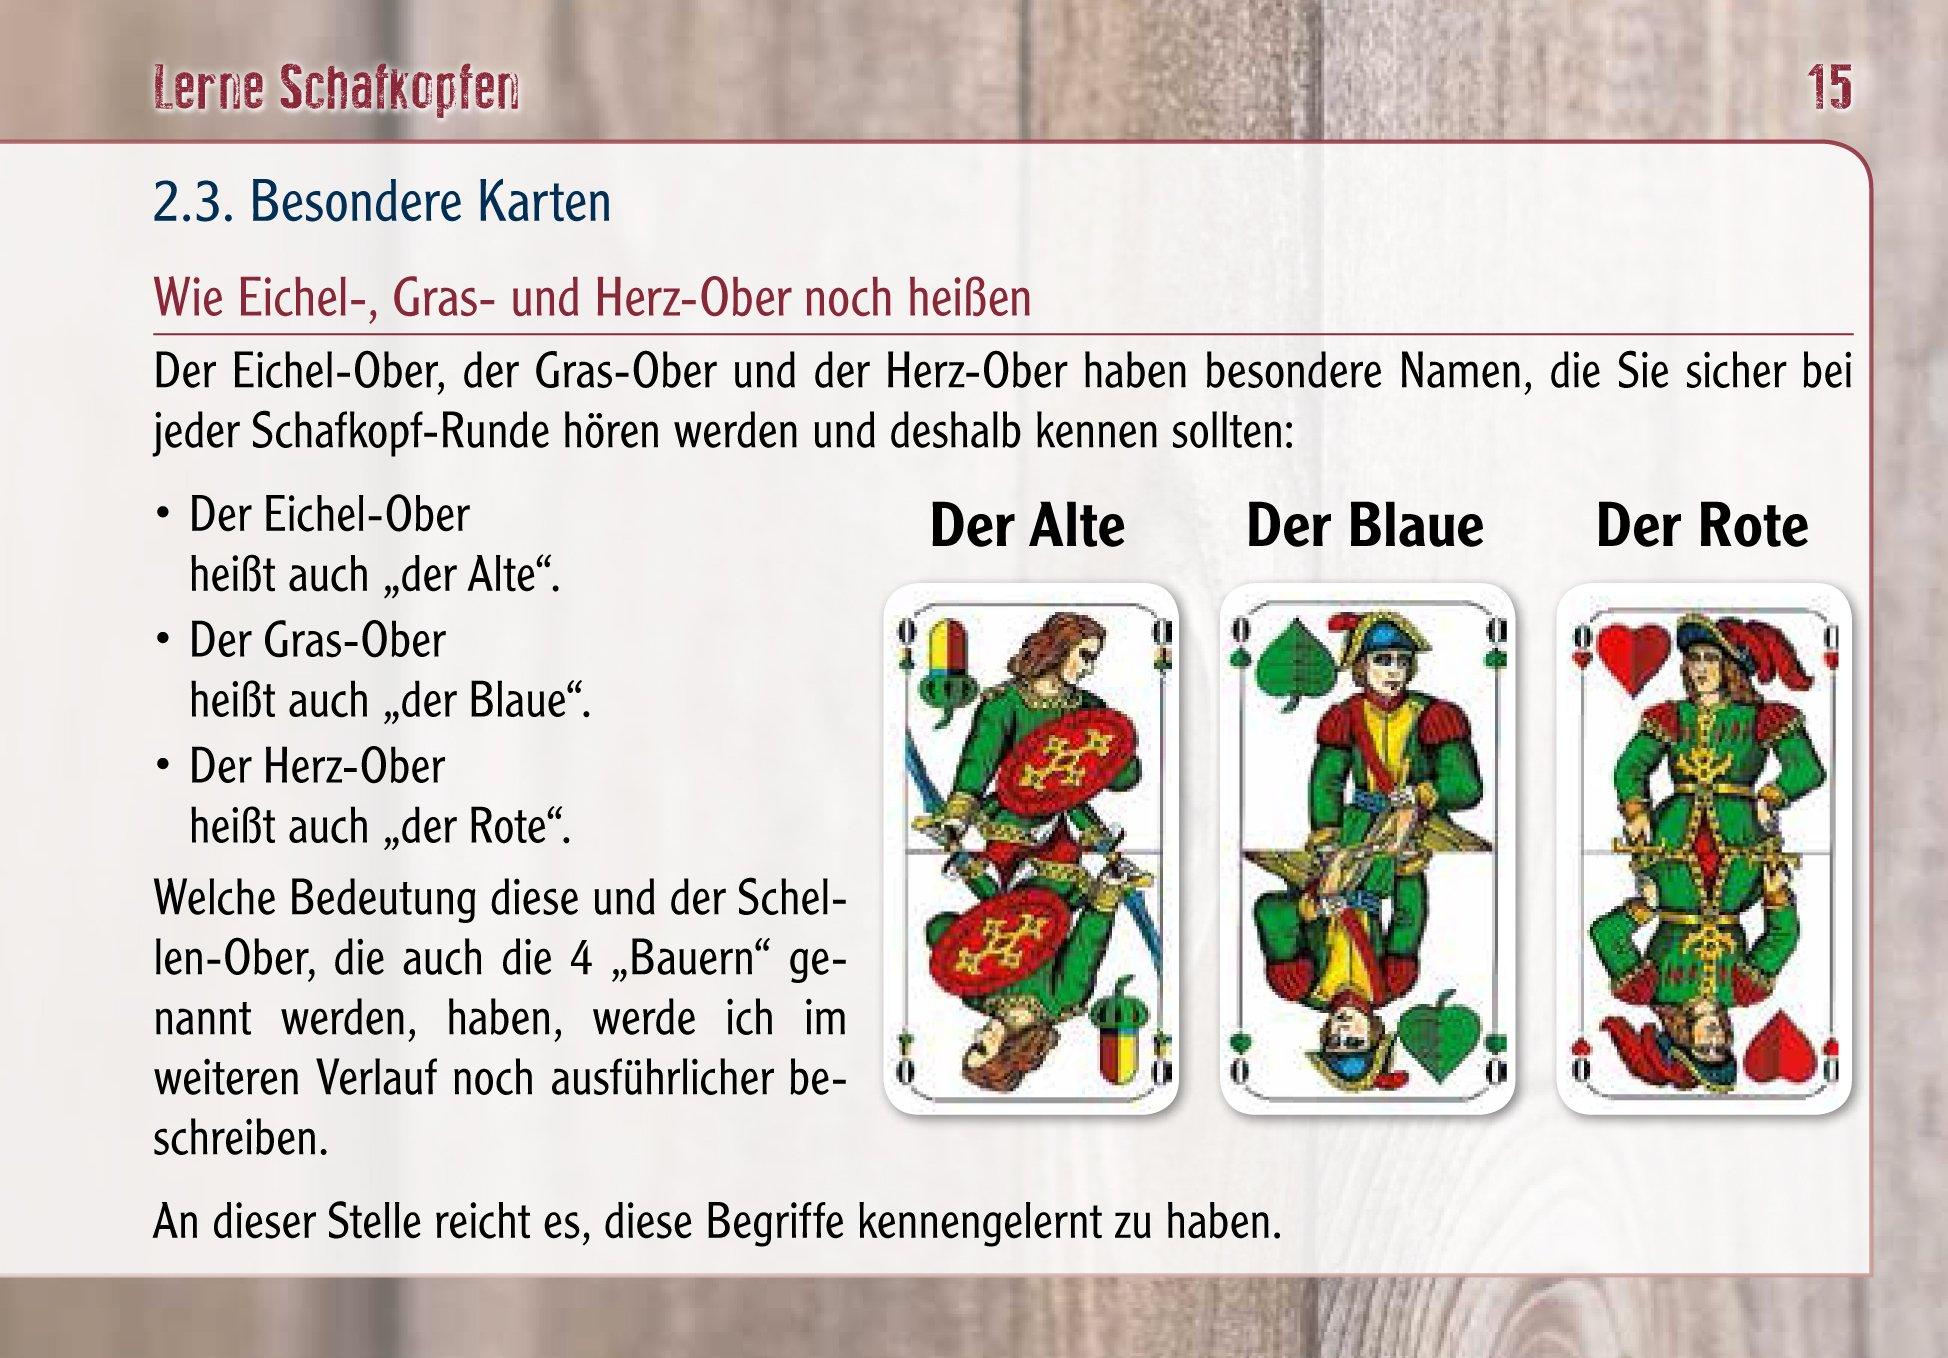 Besondere Len lerne schafkopfen 9783955870096 amazon com books